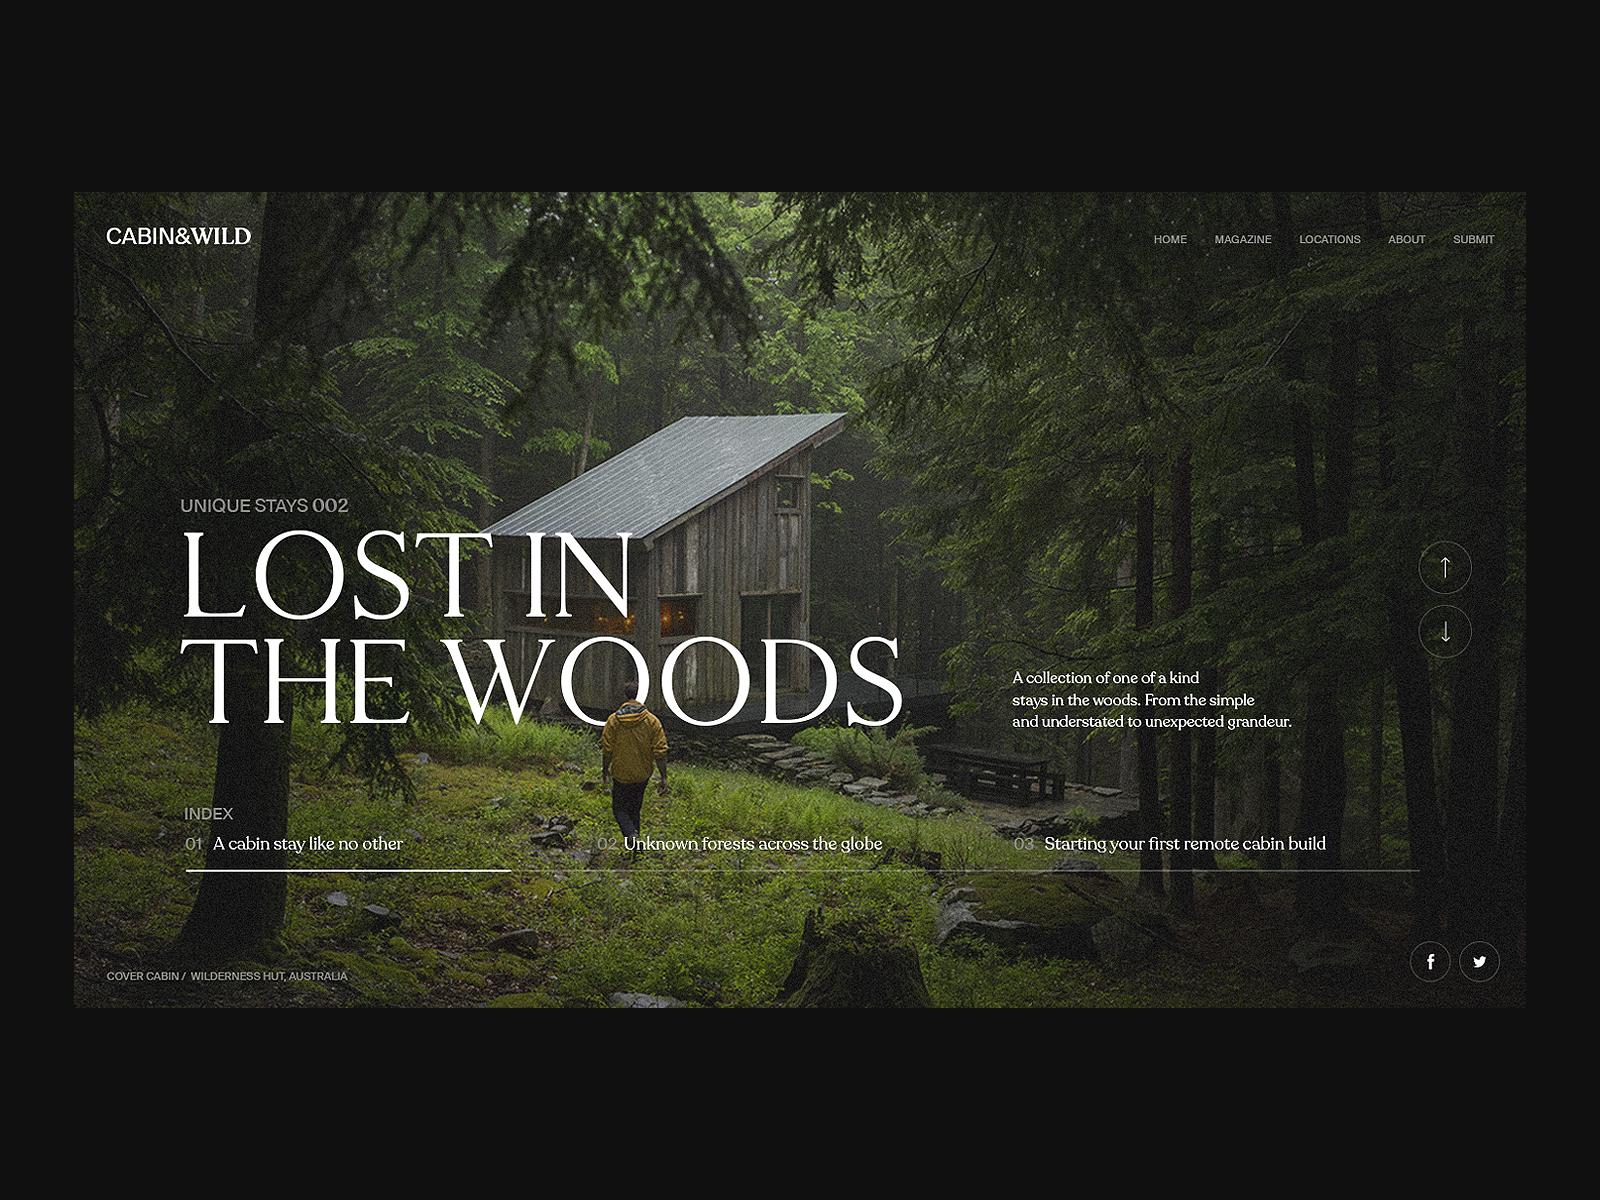 Resort Website Design Example #1